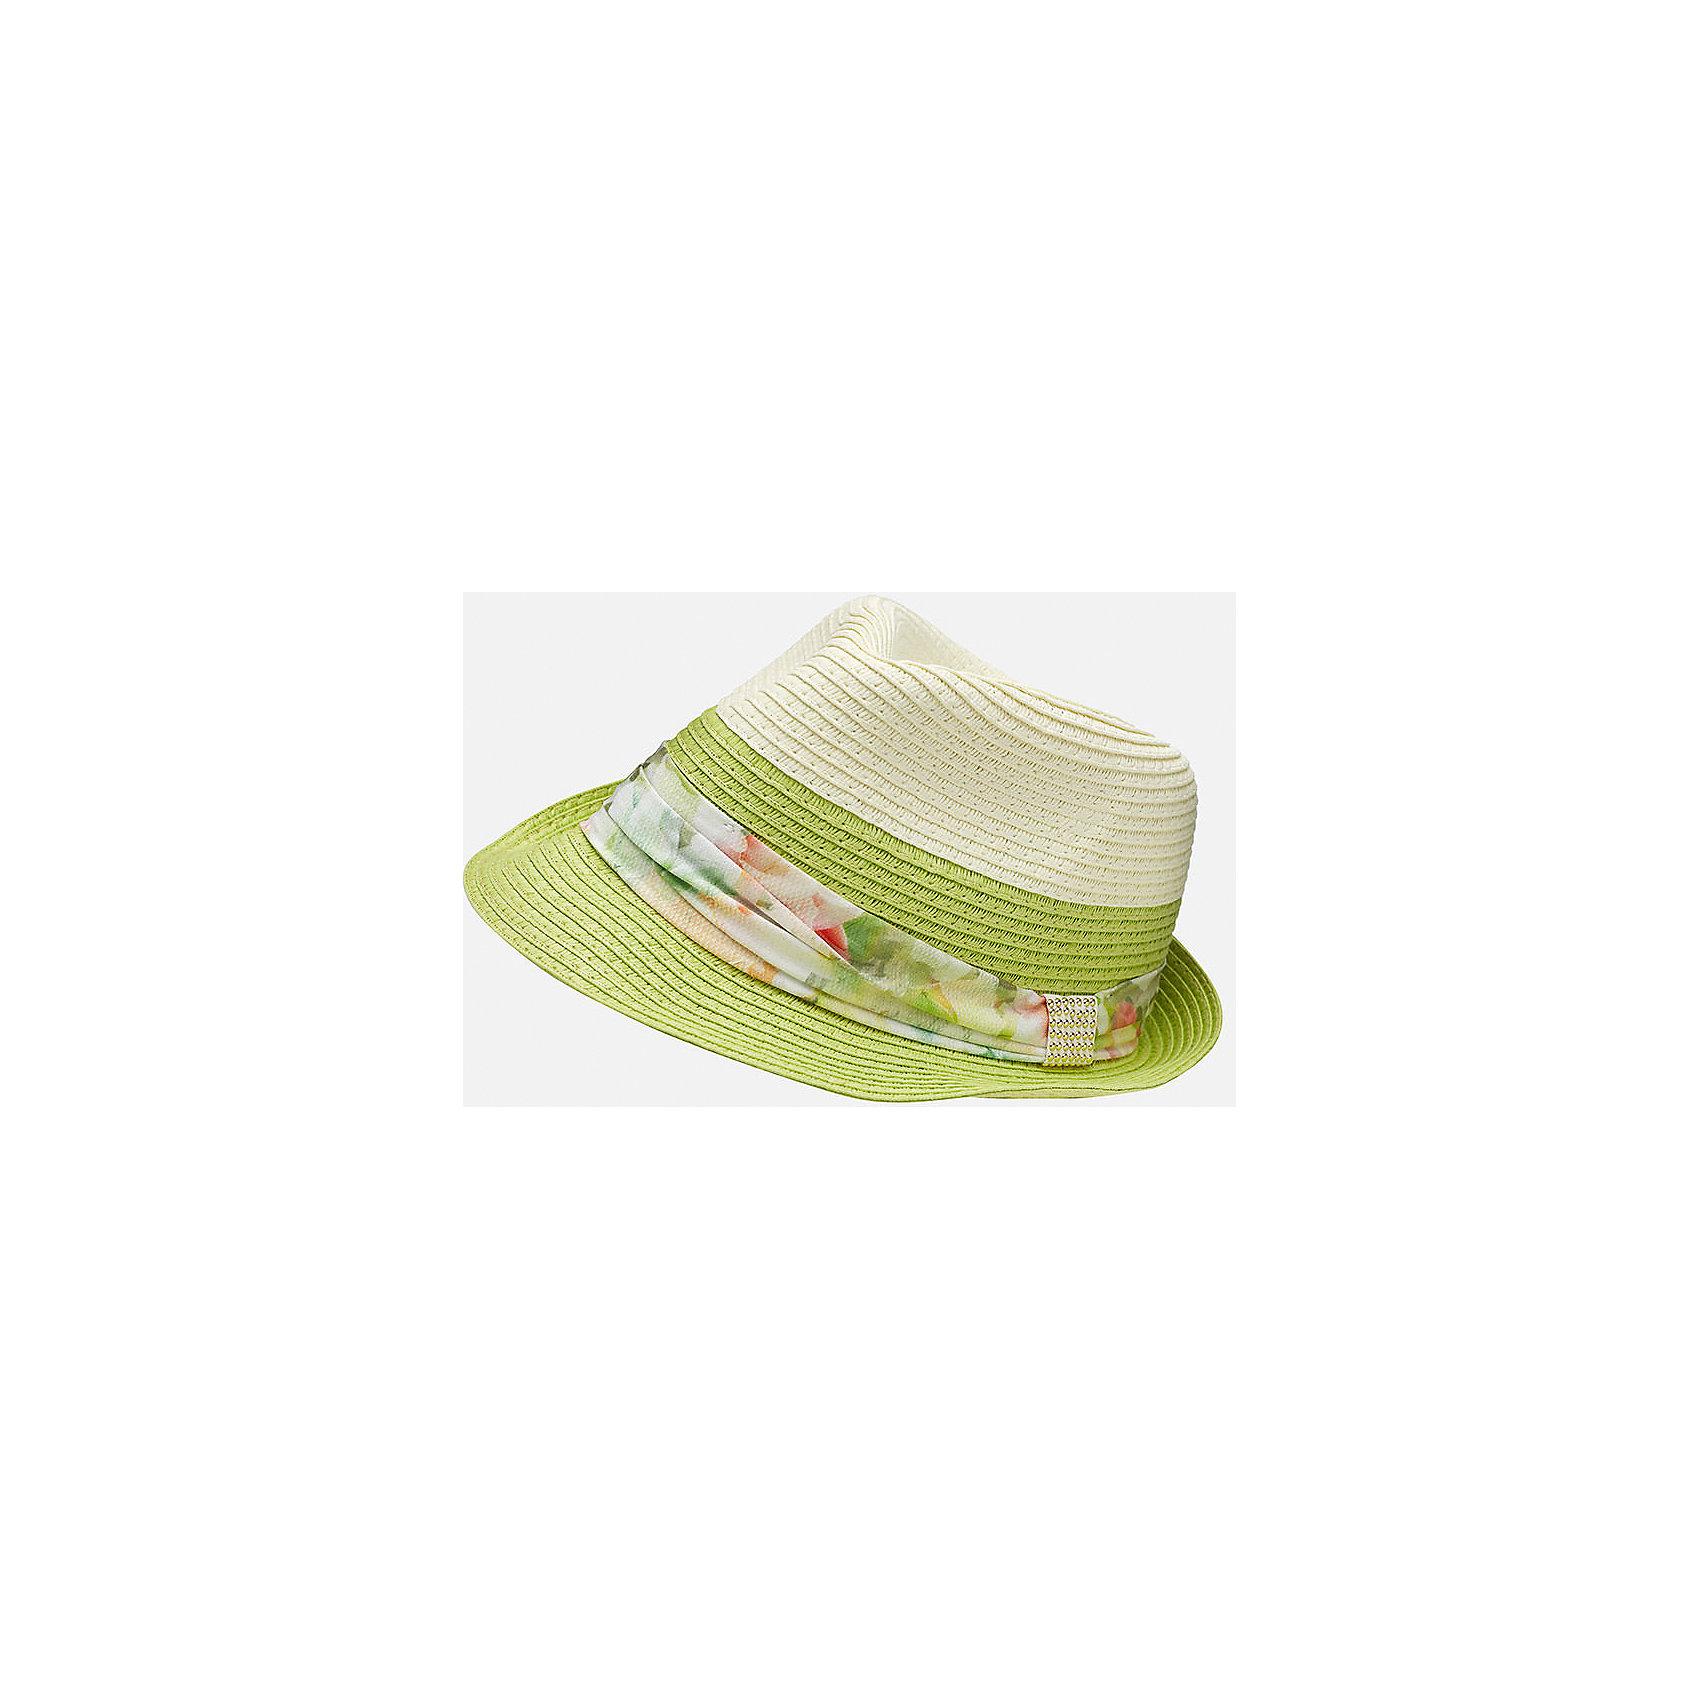 Шляпа для девочки MayoralГоловные уборы<br>Характеристики товара:<br><br>• цвет: зеленый/белый<br>• состав: 100% бумага<br>• дышащая фактура<br>• декорирована лентой<br>• страна бренда: Испания<br><br>Красивая легкая шляпа для девочки поможет обеспечить ребенку защиту от солнца и дополнить наряд. Универсальный цвет позволяет надевать её под наряды различных расцветок. Шляпа удобно сидит и красиво смотрится. <br><br>Одежда, обувь и аксессуары от испанского бренда Mayoral полюбились детям и взрослым по всему миру. Модели этой марки - стильные и удобные. Для их производства используются только безопасные, качественные материалы и фурнитура. Порадуйте ребенка модными и красивыми вещами от Mayoral! <br><br>Шляпу для девочки от испанского бренда Mayoral (Майорал) можно купить в нашем интернет-магазине.<br><br>Ширина мм: 89<br>Глубина мм: 117<br>Высота мм: 44<br>Вес г: 155<br>Цвет: зеленый<br>Возраст от месяцев: 72<br>Возраст до месяцев: 84<br>Пол: Женский<br>Возраст: Детский<br>Размер: 54,56<br>SKU: 5293563